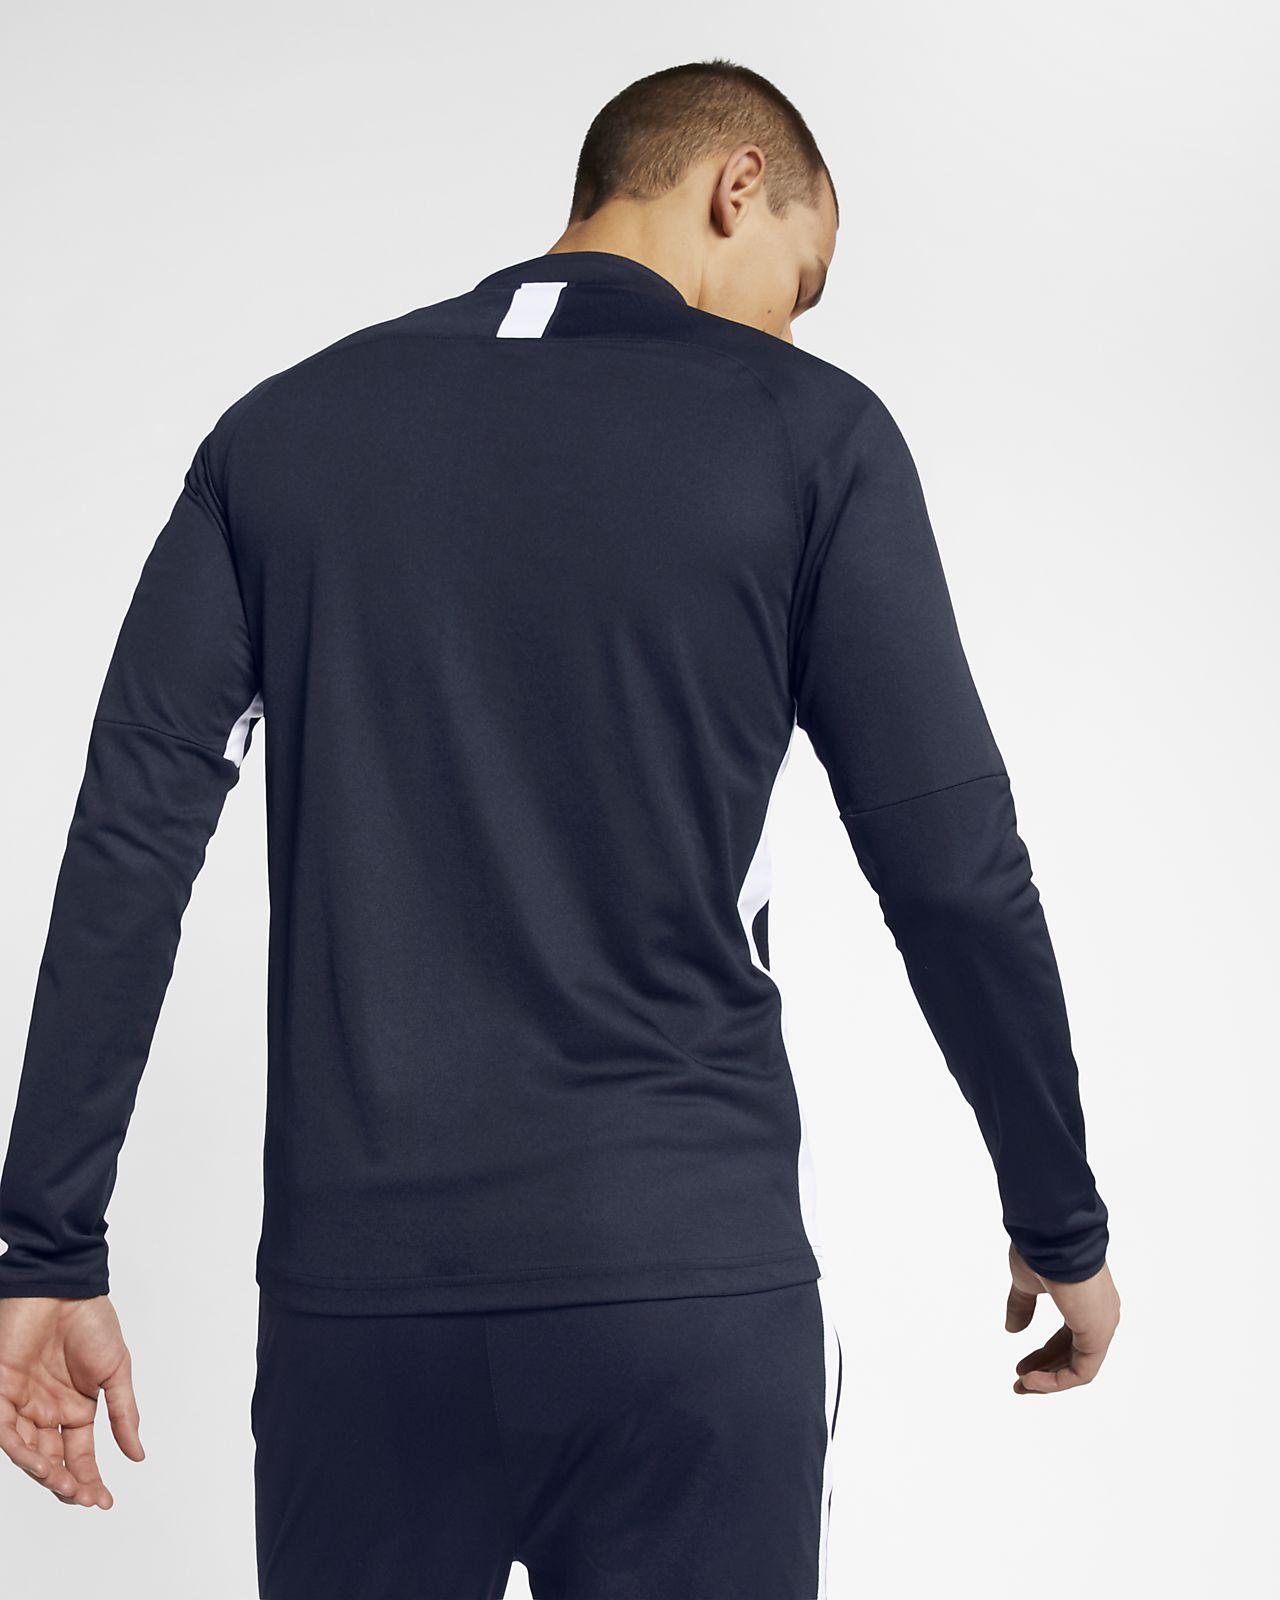 2823cb976dbf Tuta da calcio Nike Dri-FIT Academy - Uomo. Nike.com IT